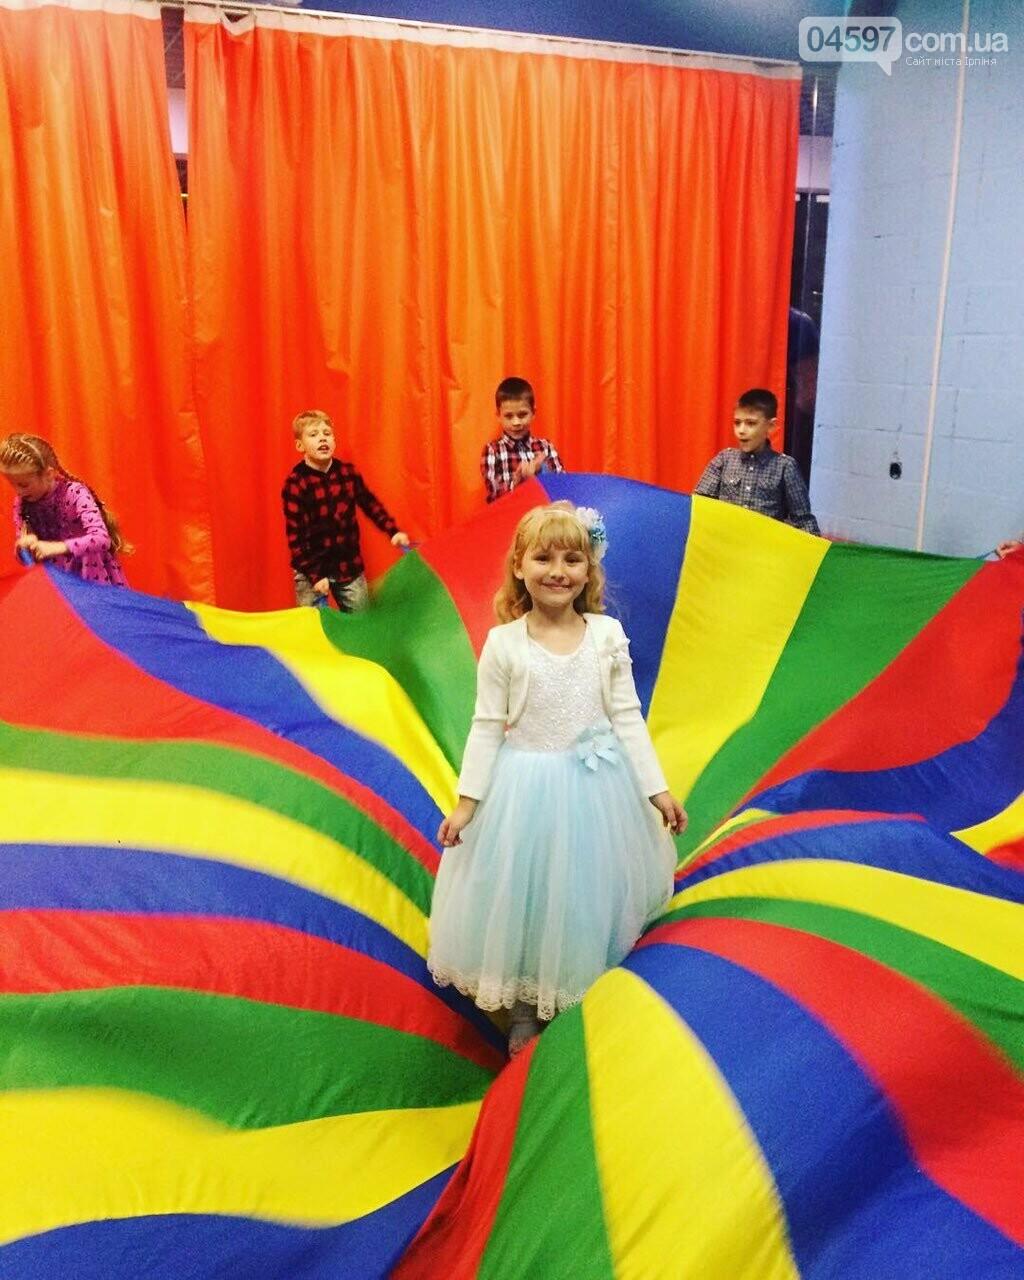 Дитячий центр «Little people» − про рік, що минає, день Cвятого Миколая й дитячі корпоративи, фото-2